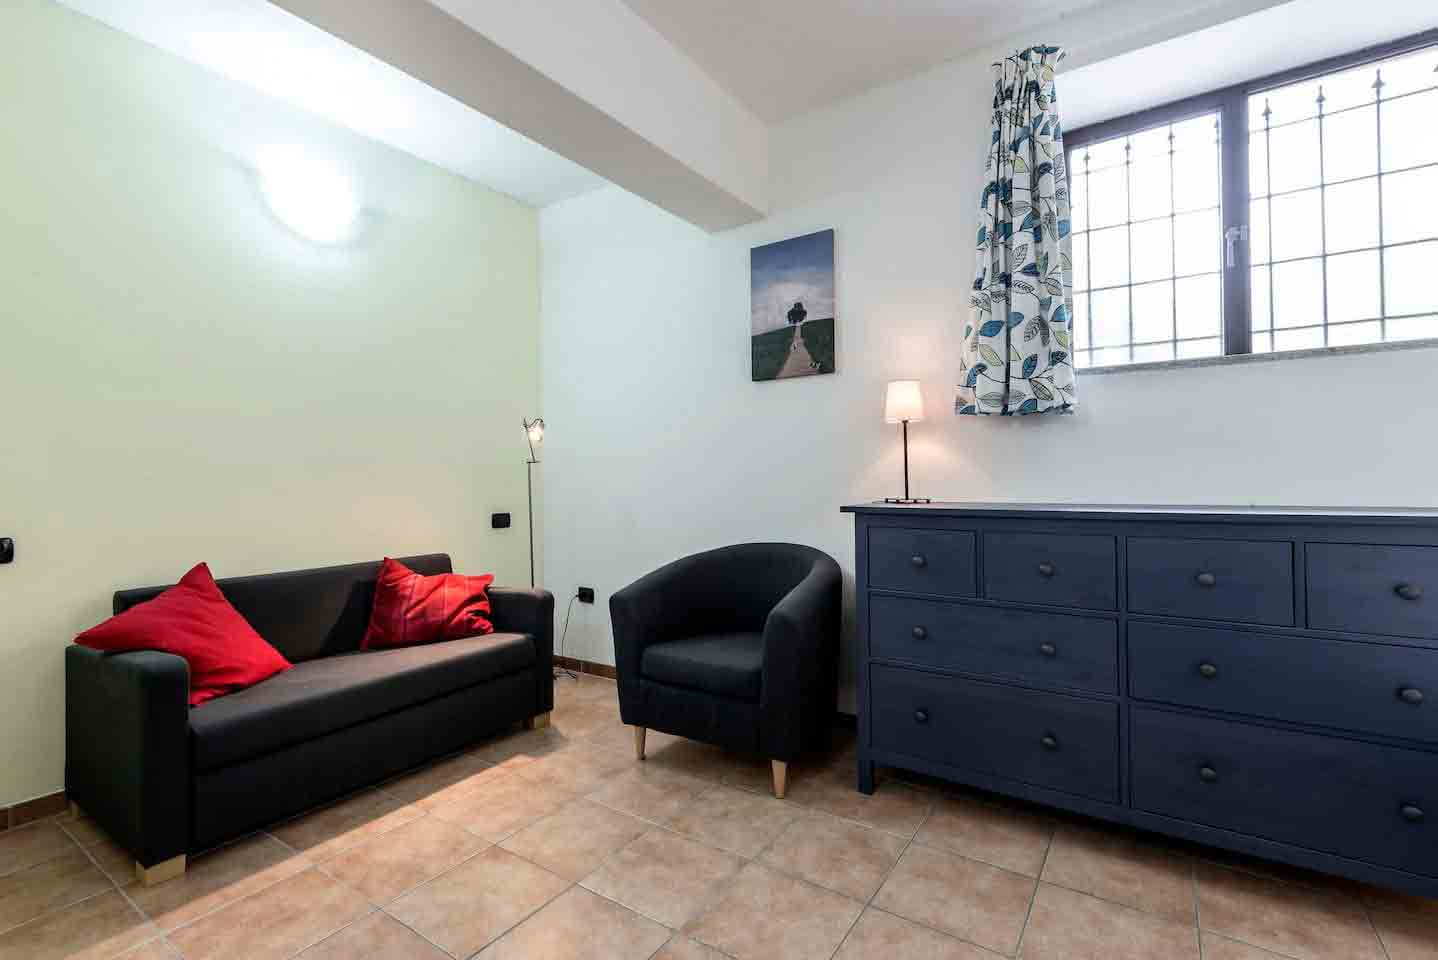 Zit-/slaapkamer appartement Cantinetta